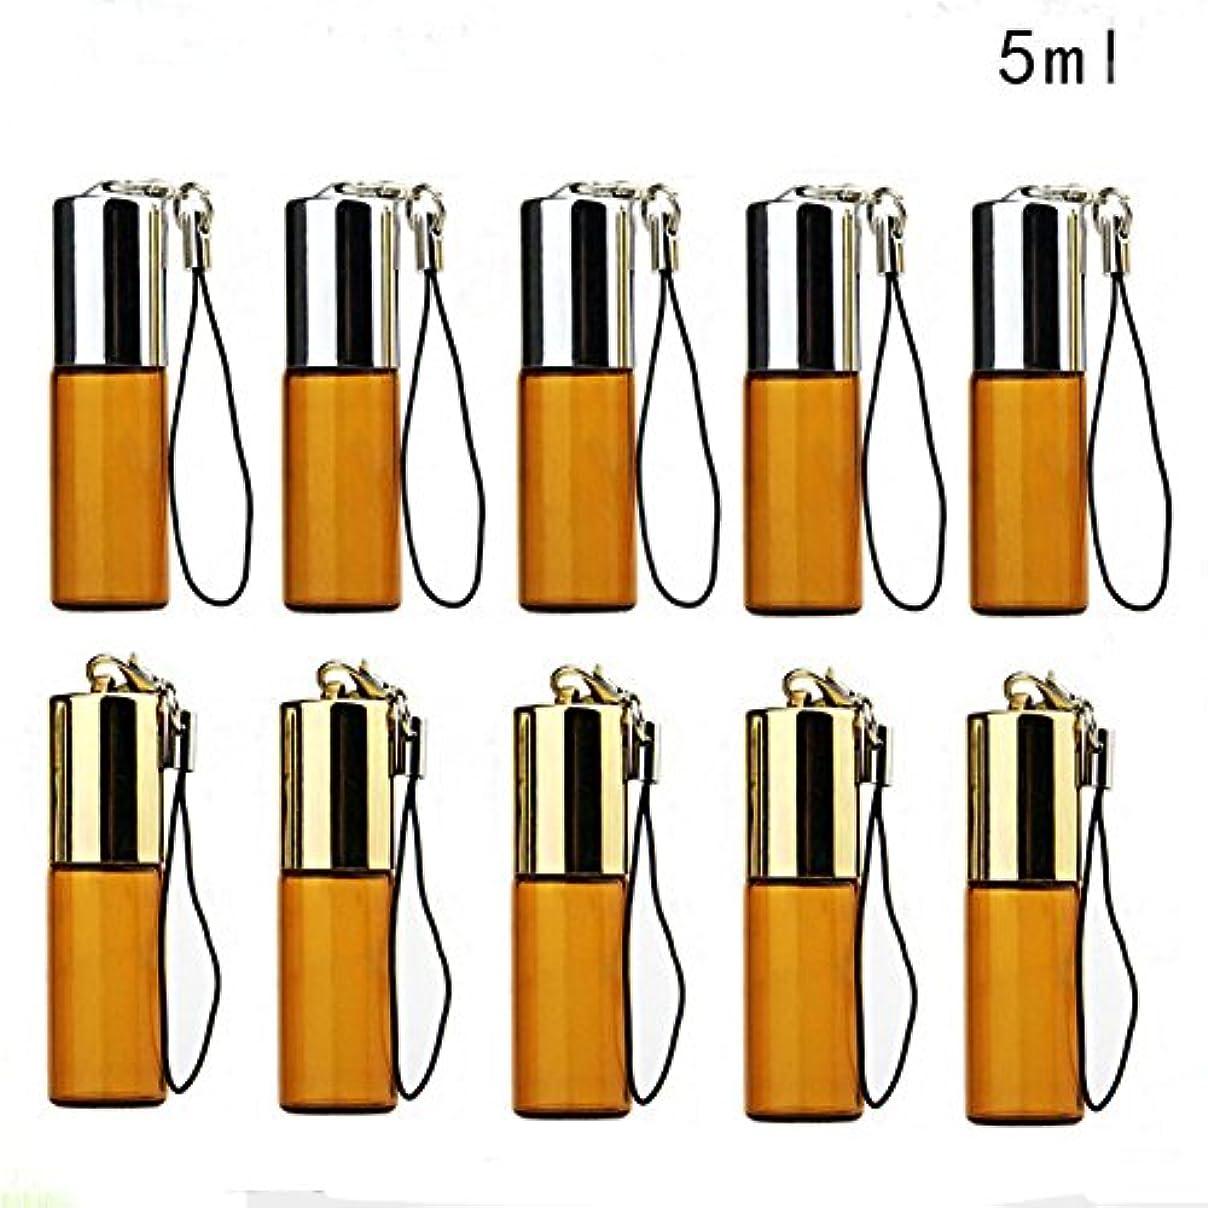 形アミューズストレンジャーSAGULU アロマオイル 精油 小分け用 遮光瓶 遮光ビン ミニガラスアロマボトル エッセンシャルオイル用容器 スチールボールタイプ 詰替え 保存容器 茶色 5ml 10本セット